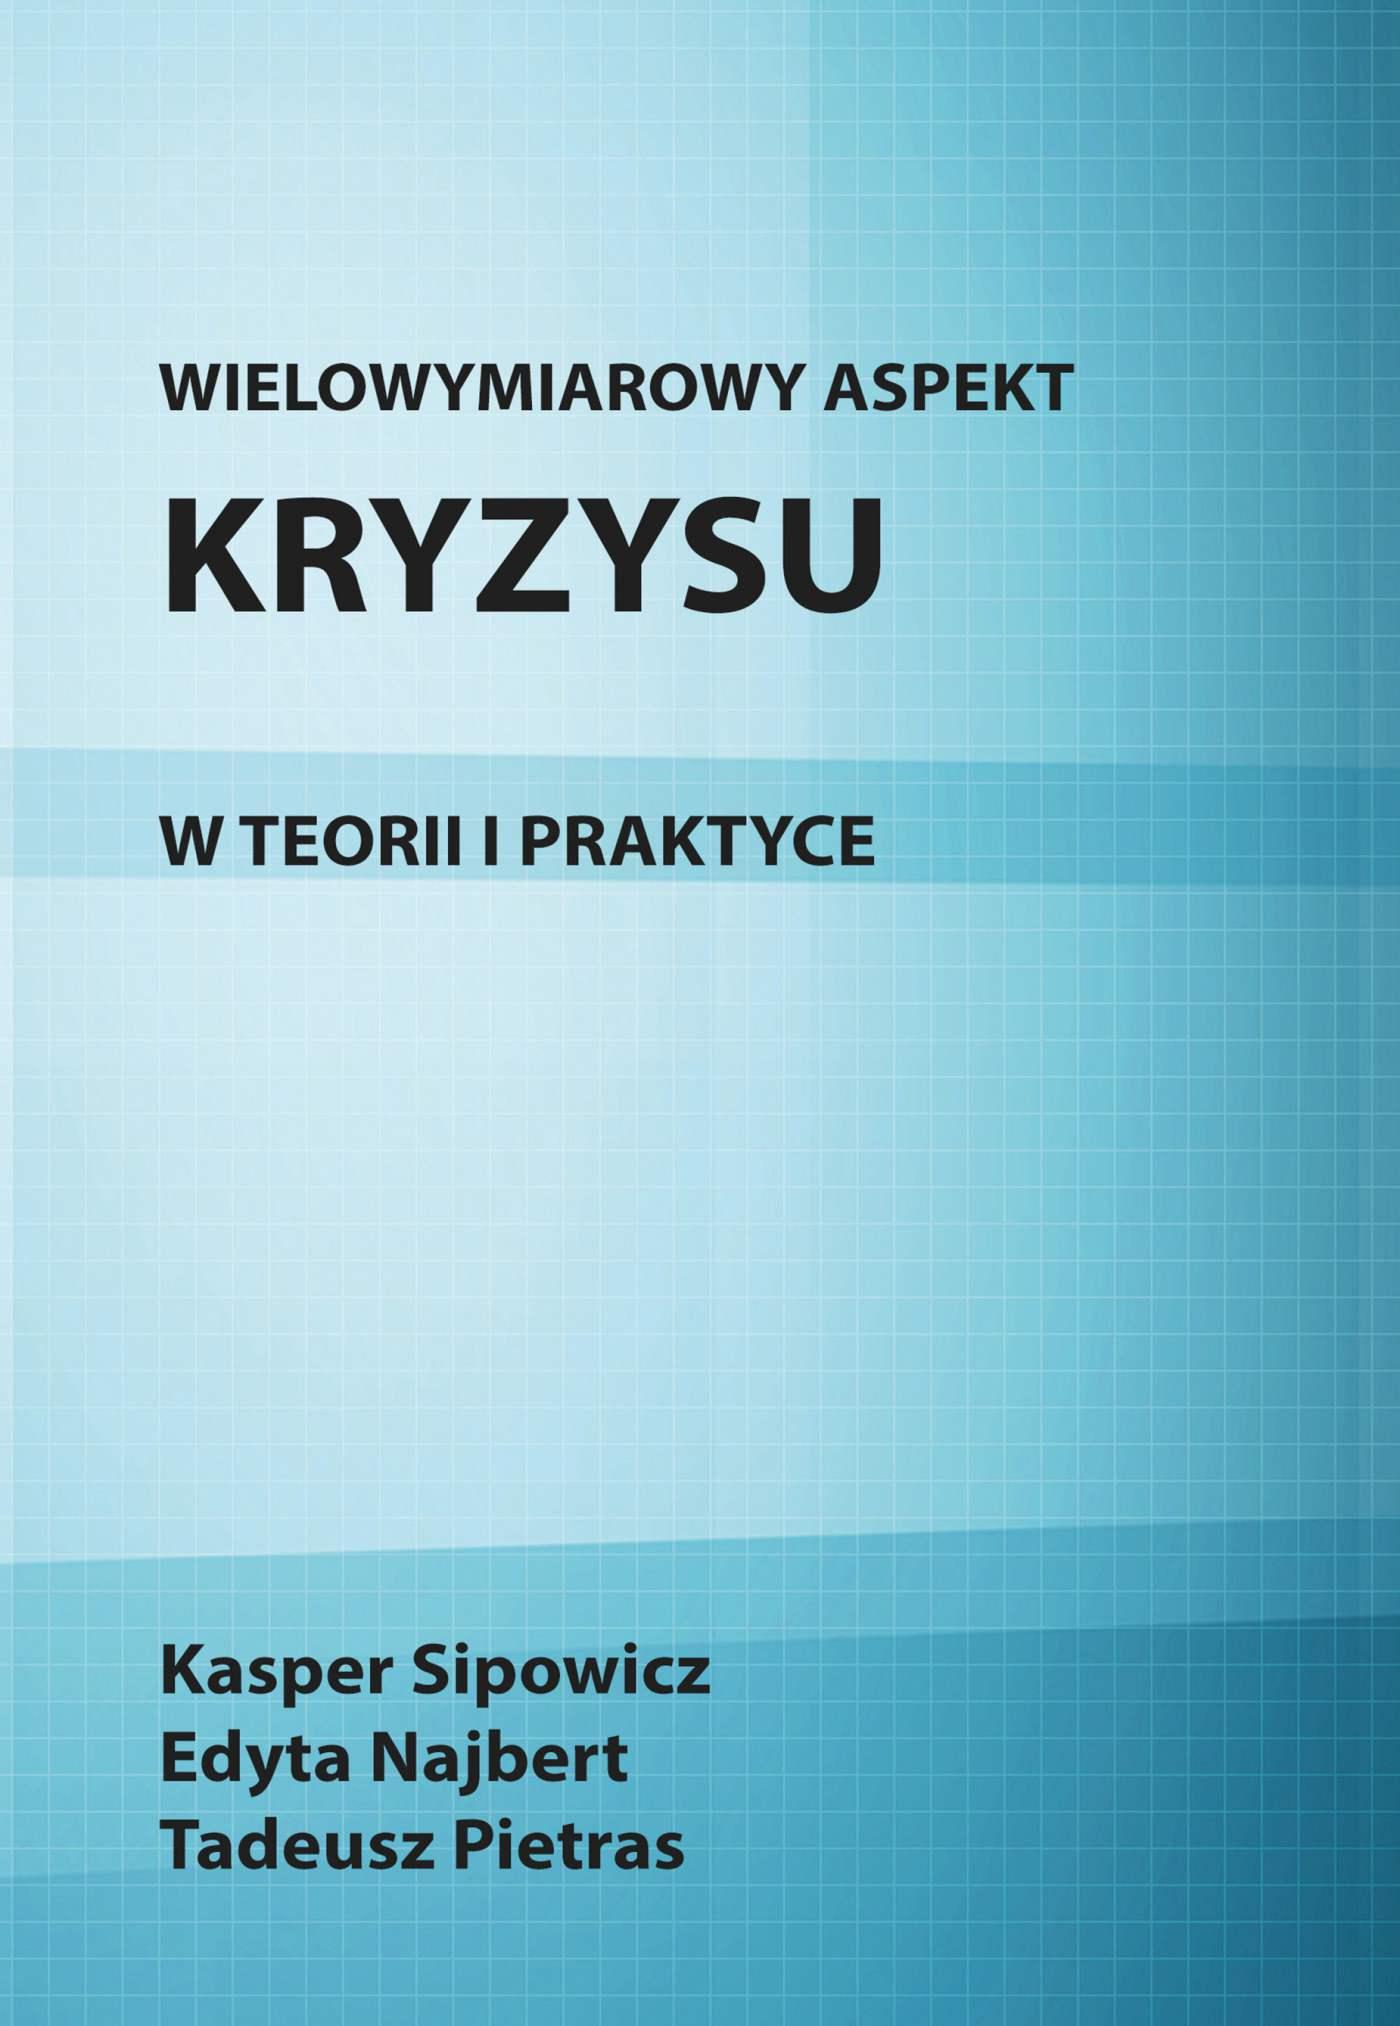 Wielowymiarowy aspekt kryzysu w teorii i praktyce - Ebook (Książka PDF) do pobrania w formacie PDF